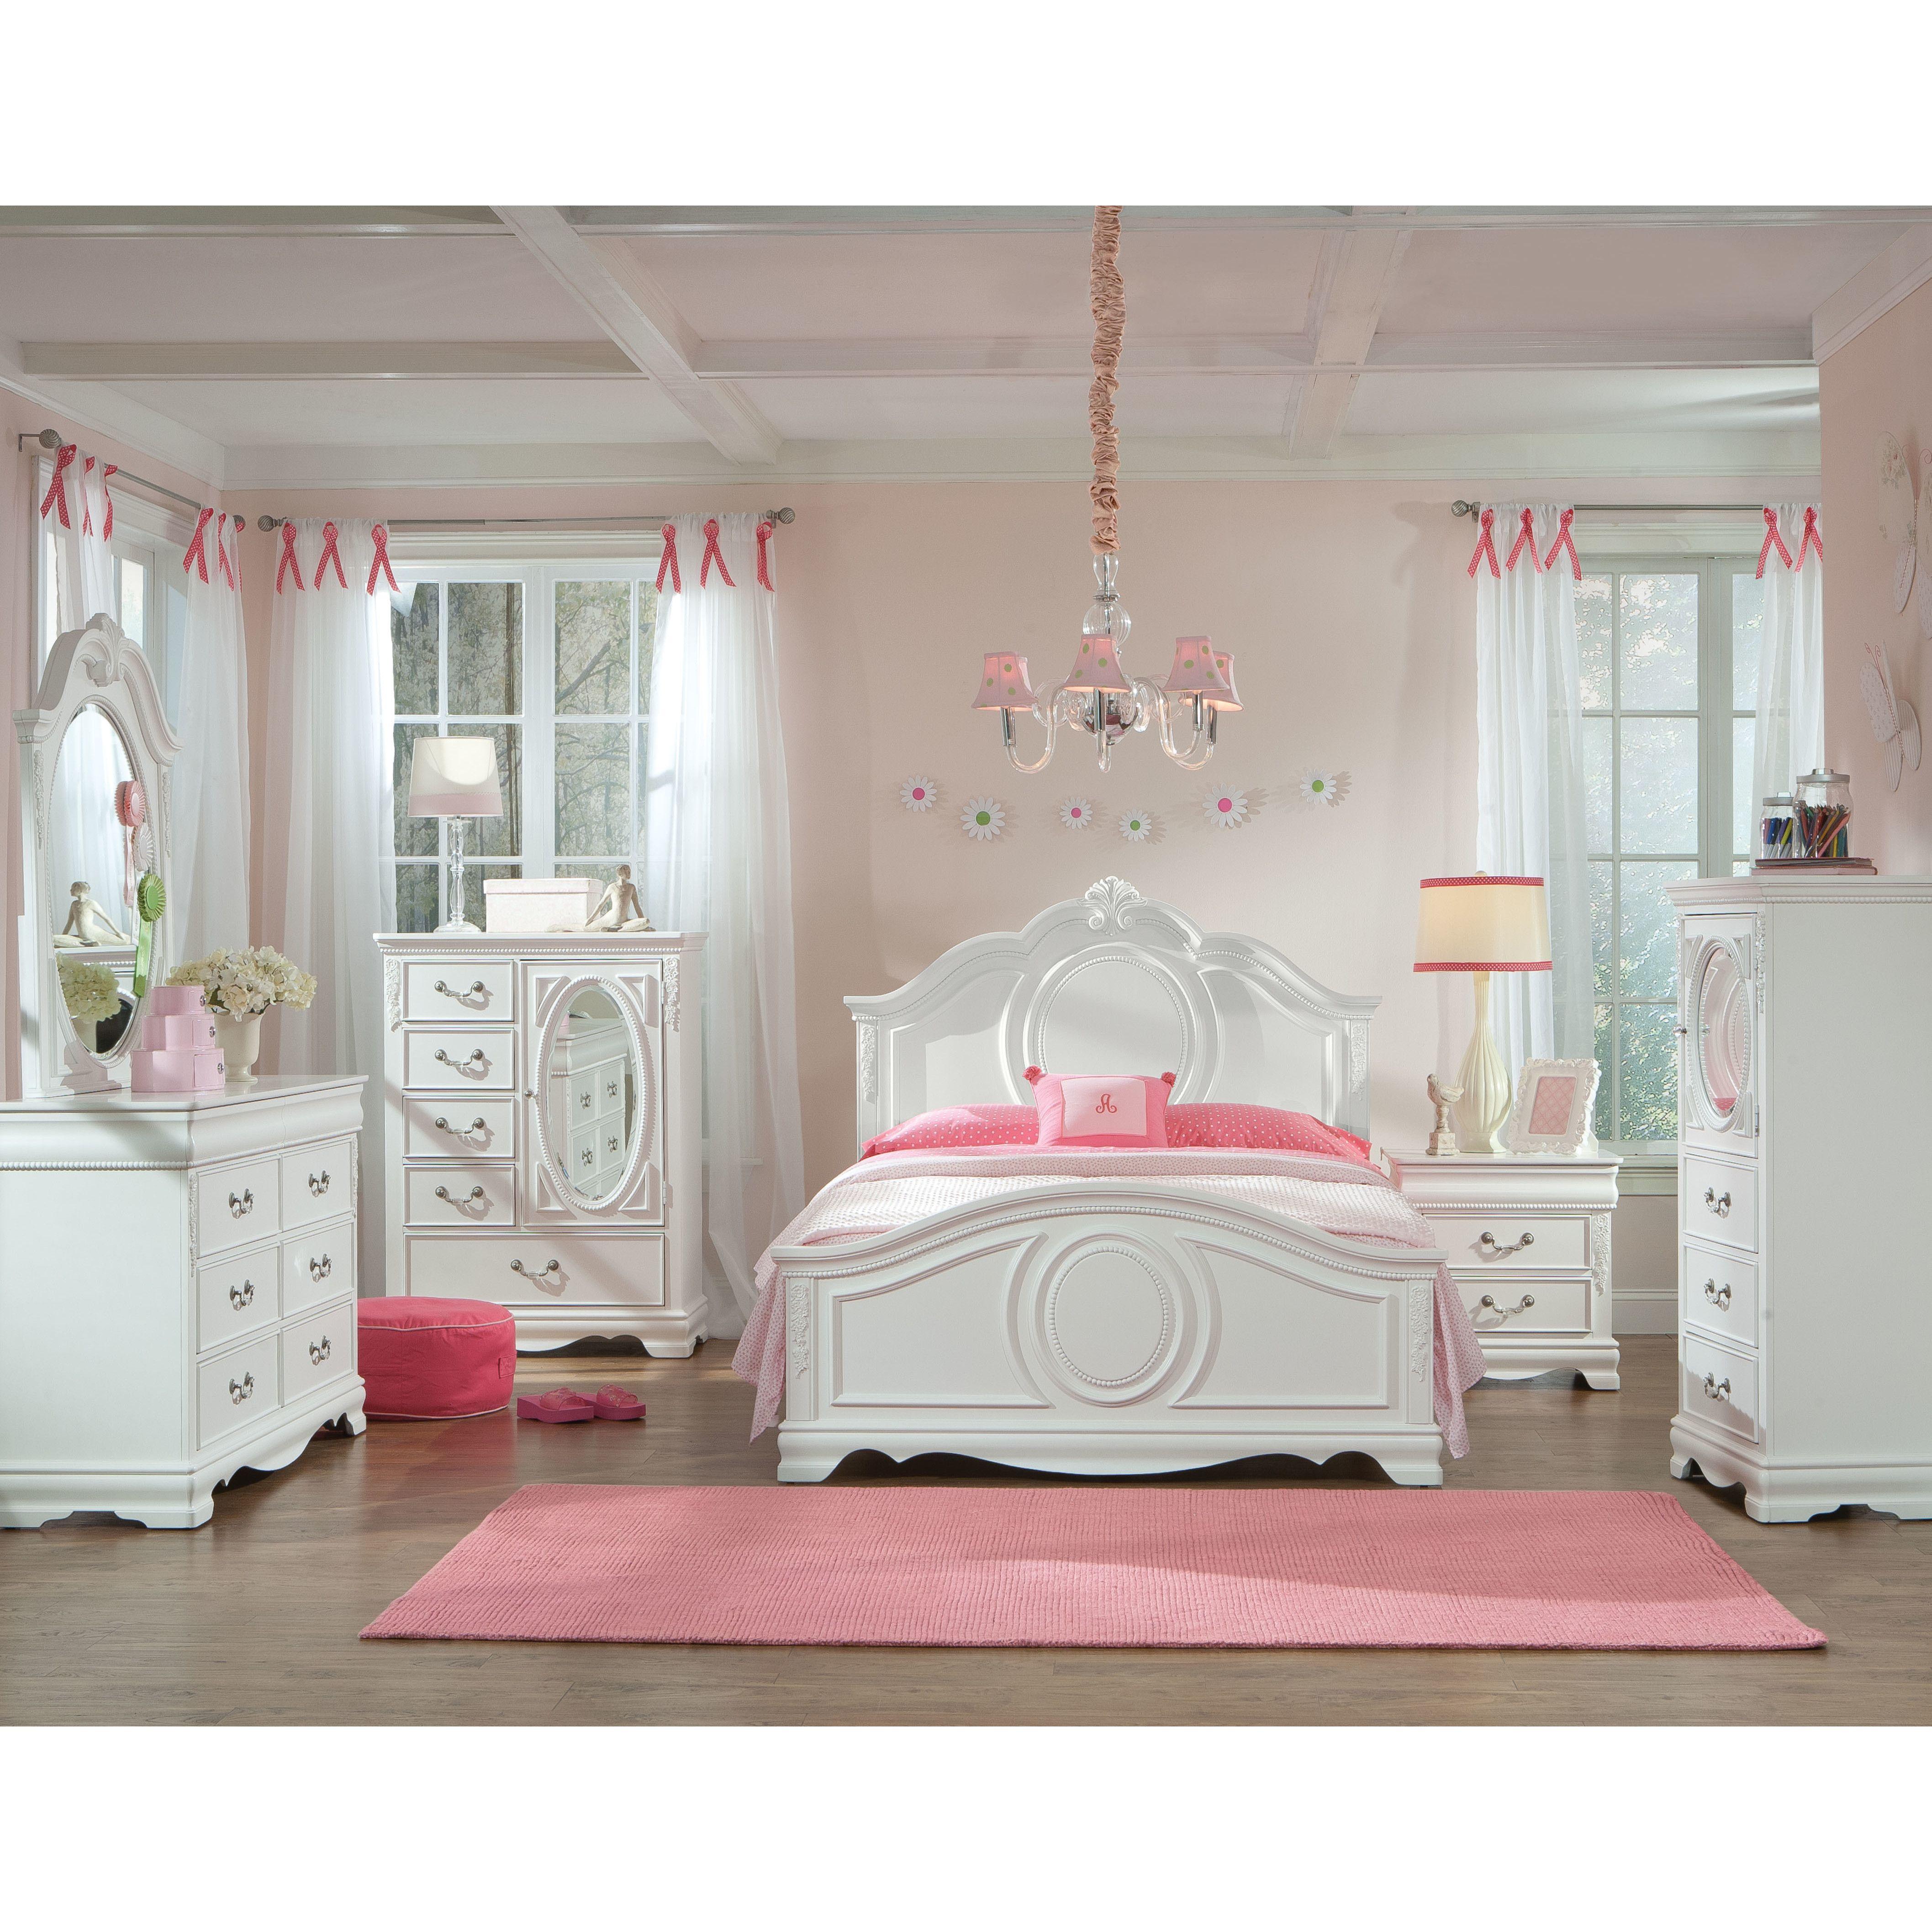 Bedroom sets for girls complete bedroom set for girls IUHLCWV